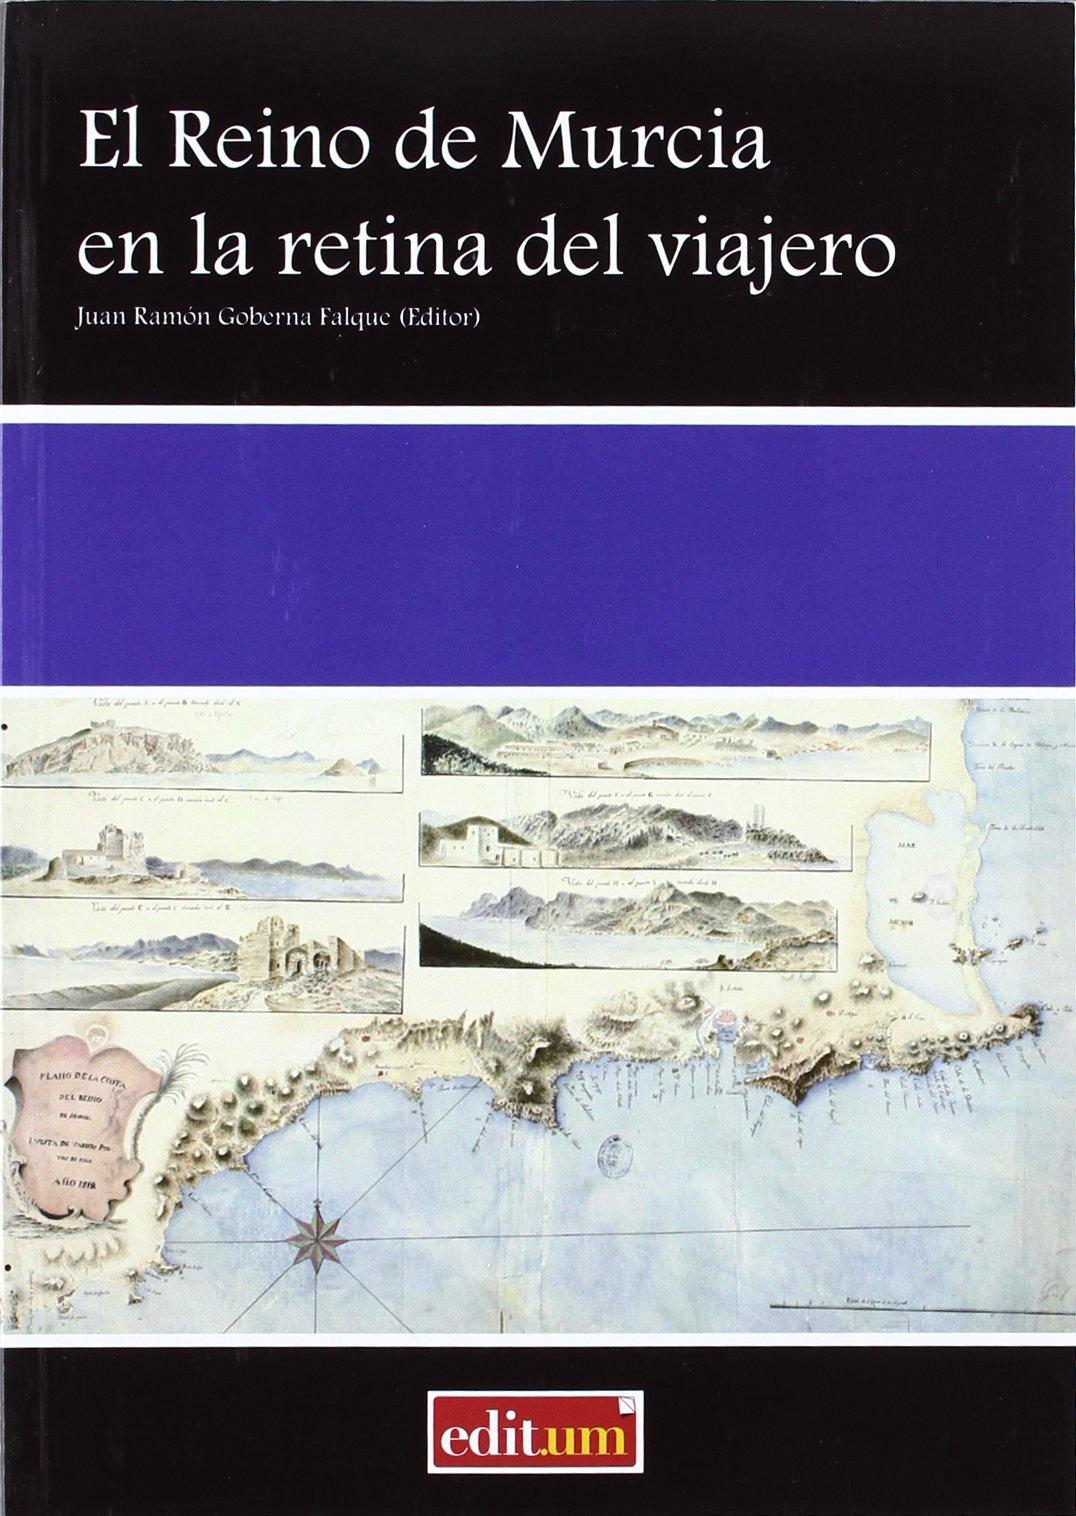 El Reino de Murcia en la Retina del Viajero: Amazon.es: GOBERNA FALQUE, JUAN RAMÓN: Libros